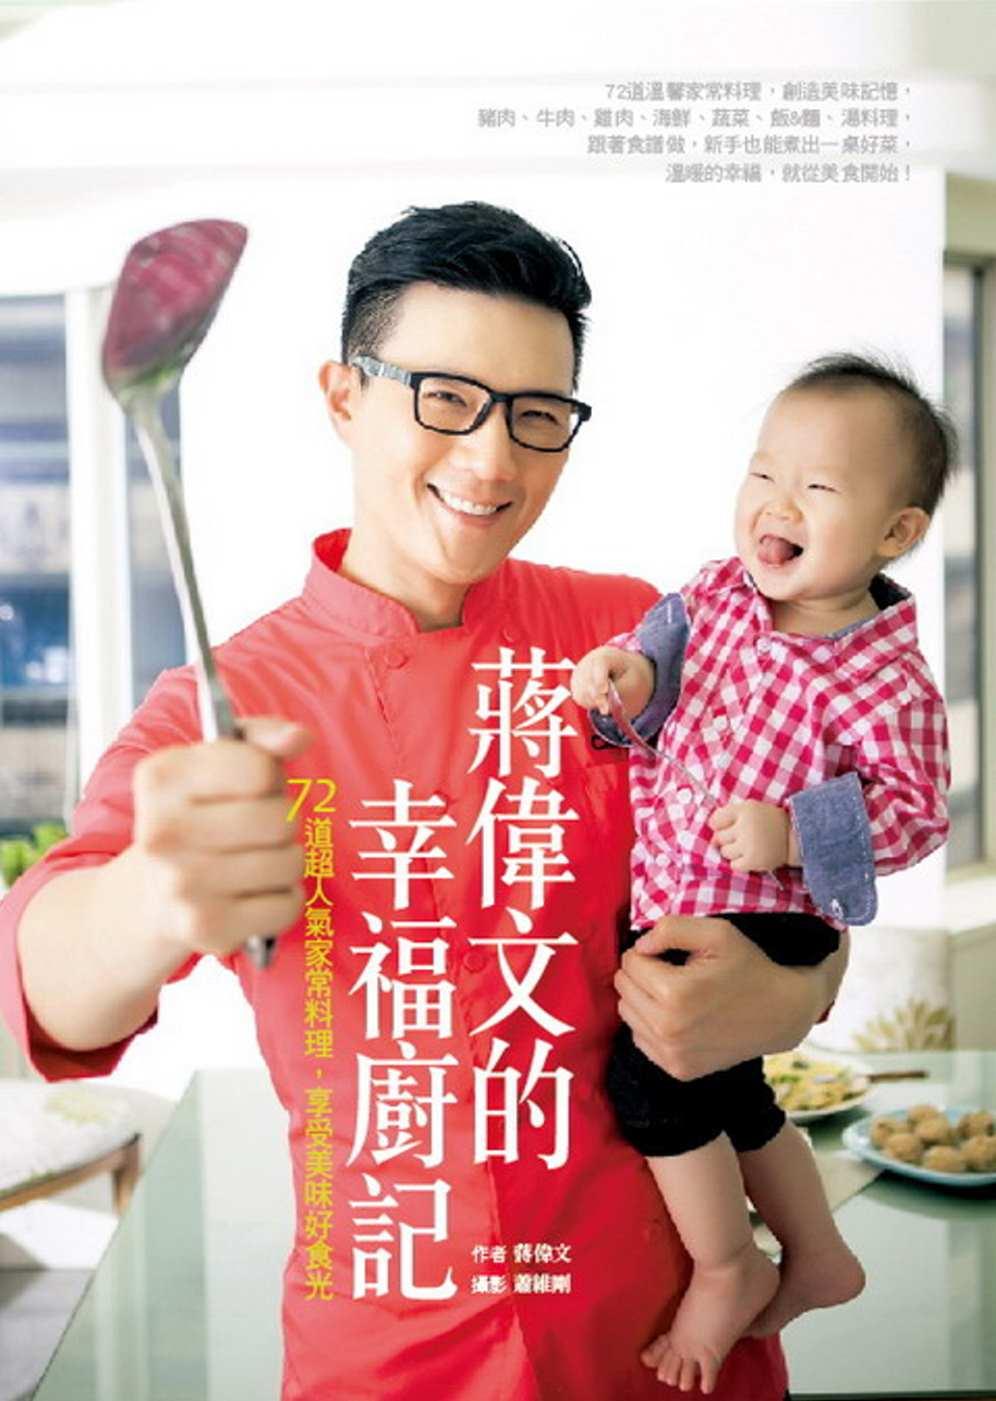 蔣偉文的幸福廚記:72道超人氣家常料理,享受美味好食光